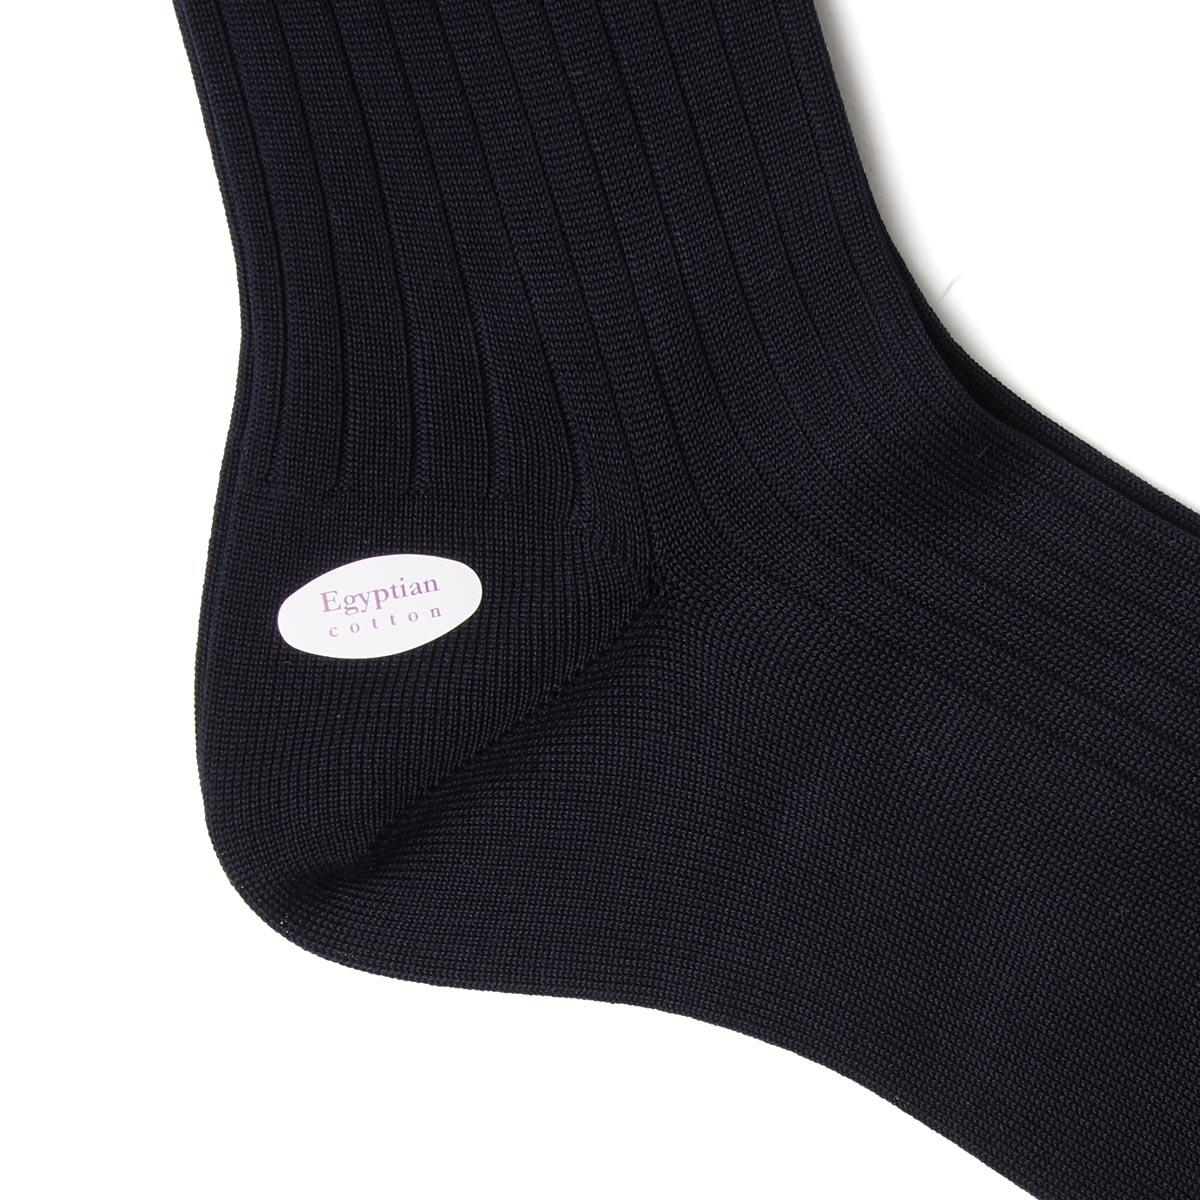 【ネコポス対応(3点まで)】HALISON ハリソン 靴下/ソックス/ロングホーズL 相当サイズ:27~28cm【返品交換不可】 メンズ